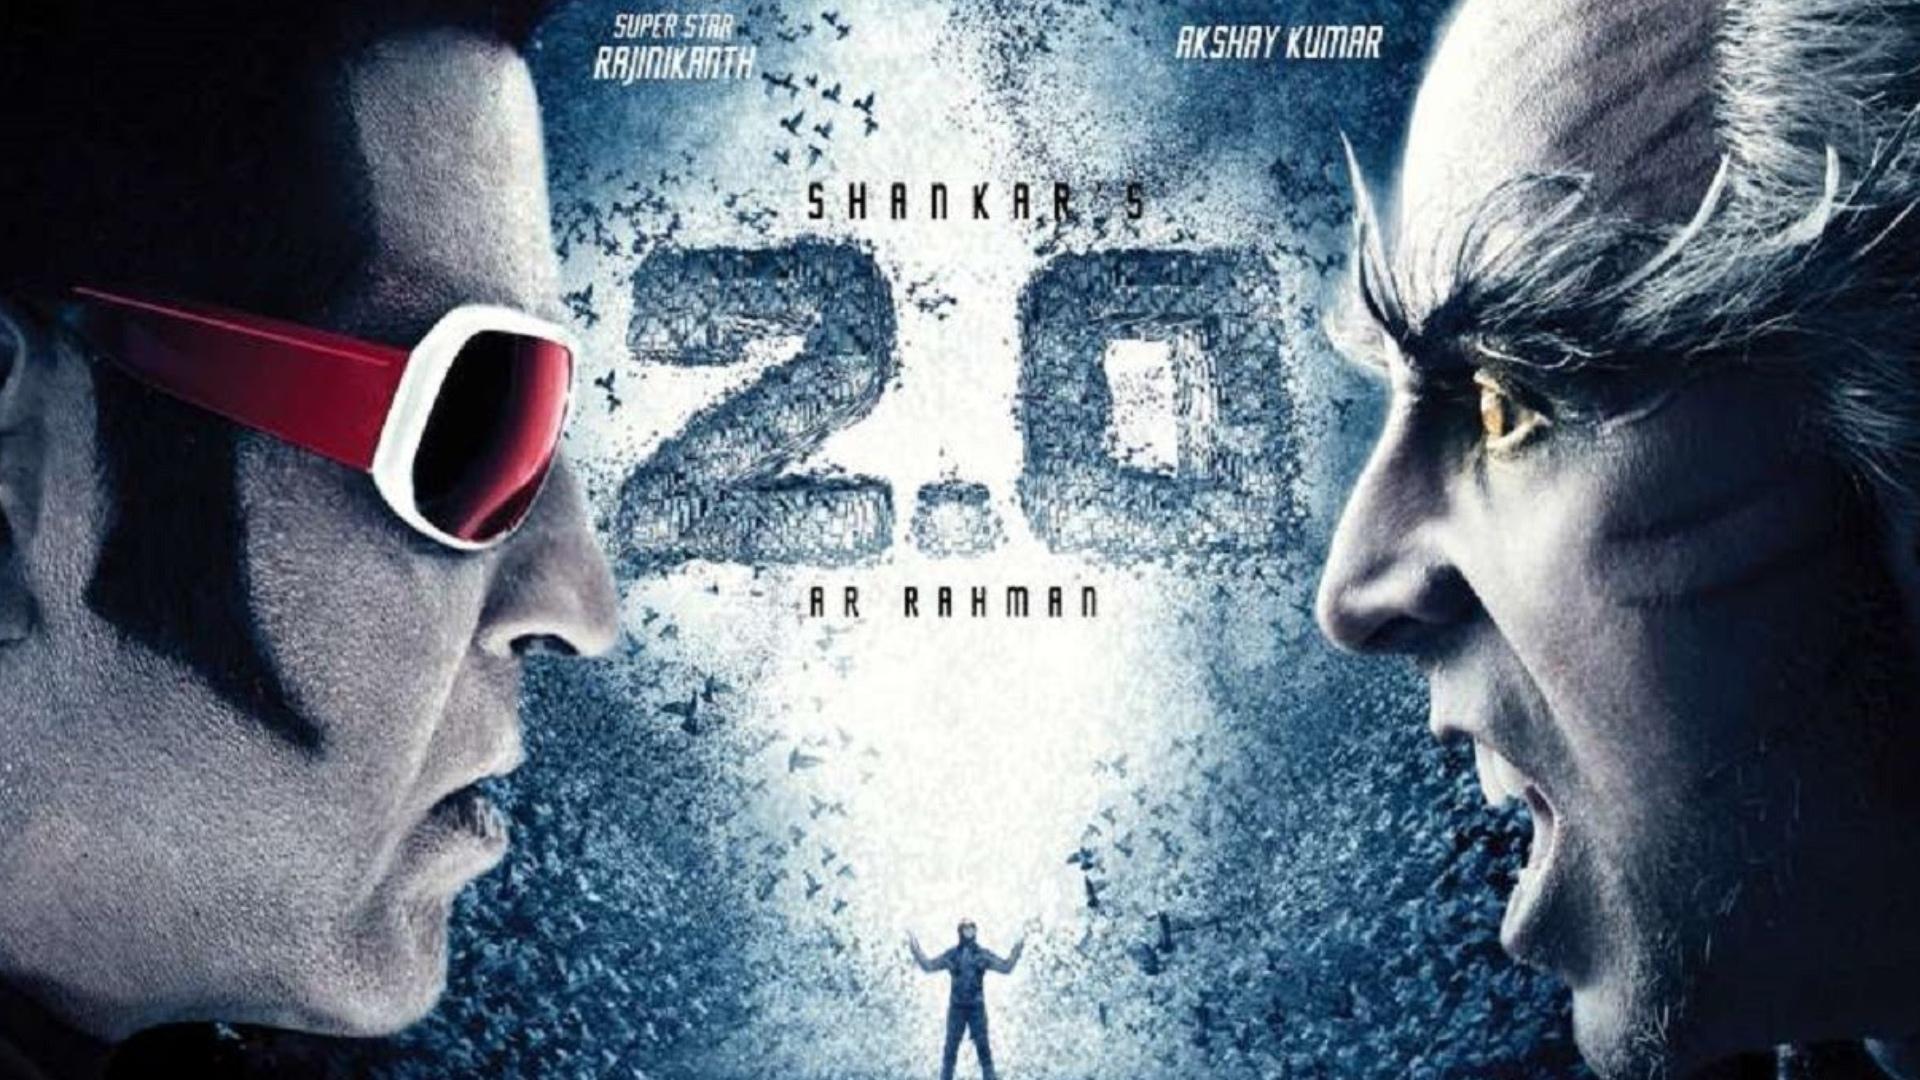 रजनीकांत-अक्षय कुमार स्टारर '2.0' चीन में धूम मचाने के लिए तैयार, जानिए कब रिलीज होगी ये फिल्म